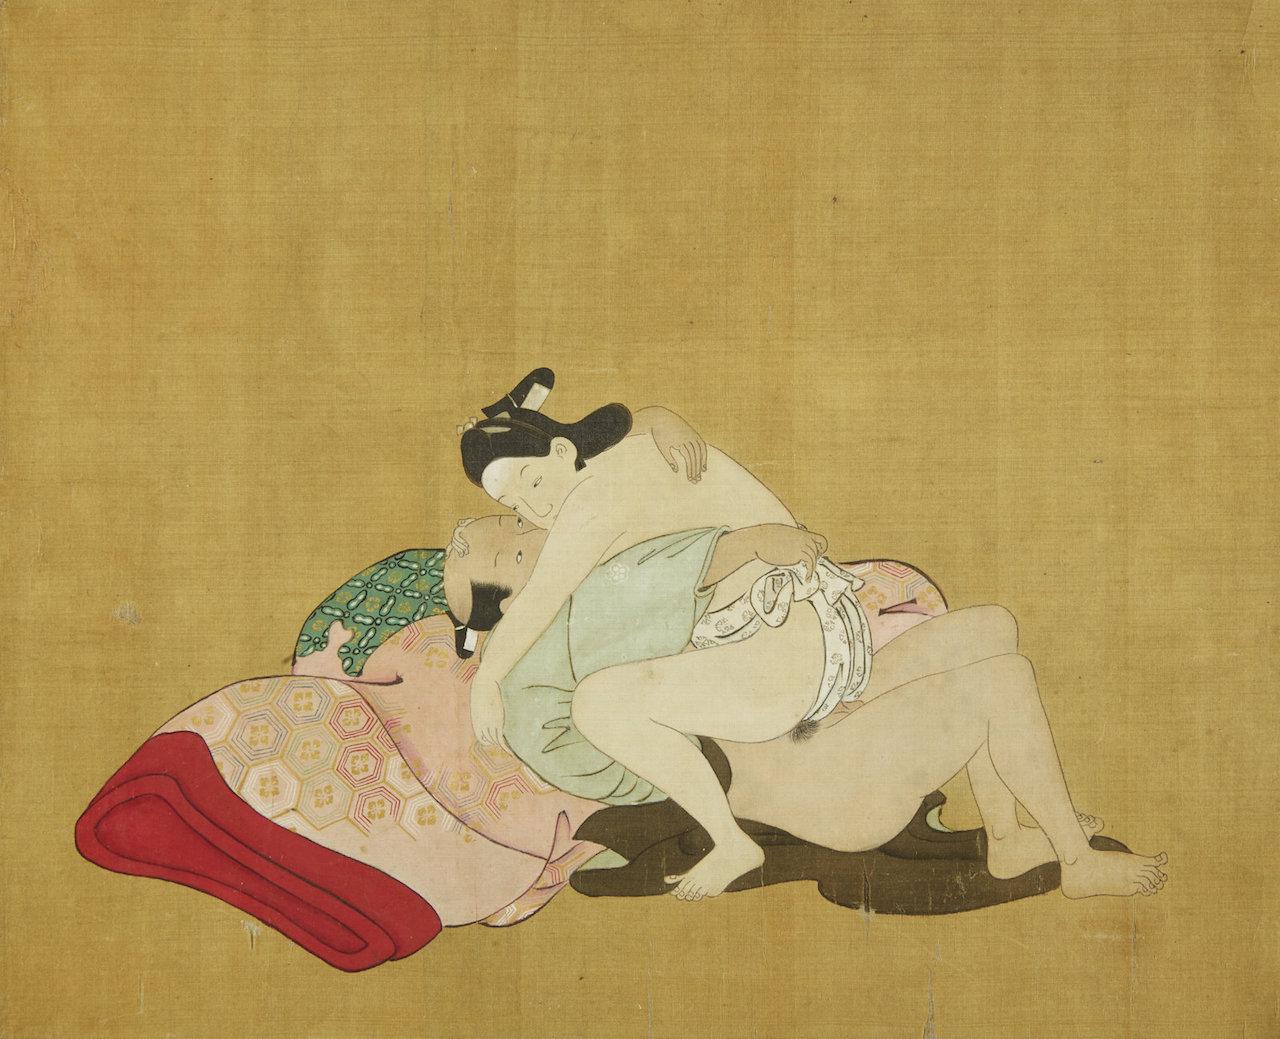 1 Miyagawa Choshun (1683-1753) - A Rare and Important Nanshoku (Male-Male) Shunga Handscroll